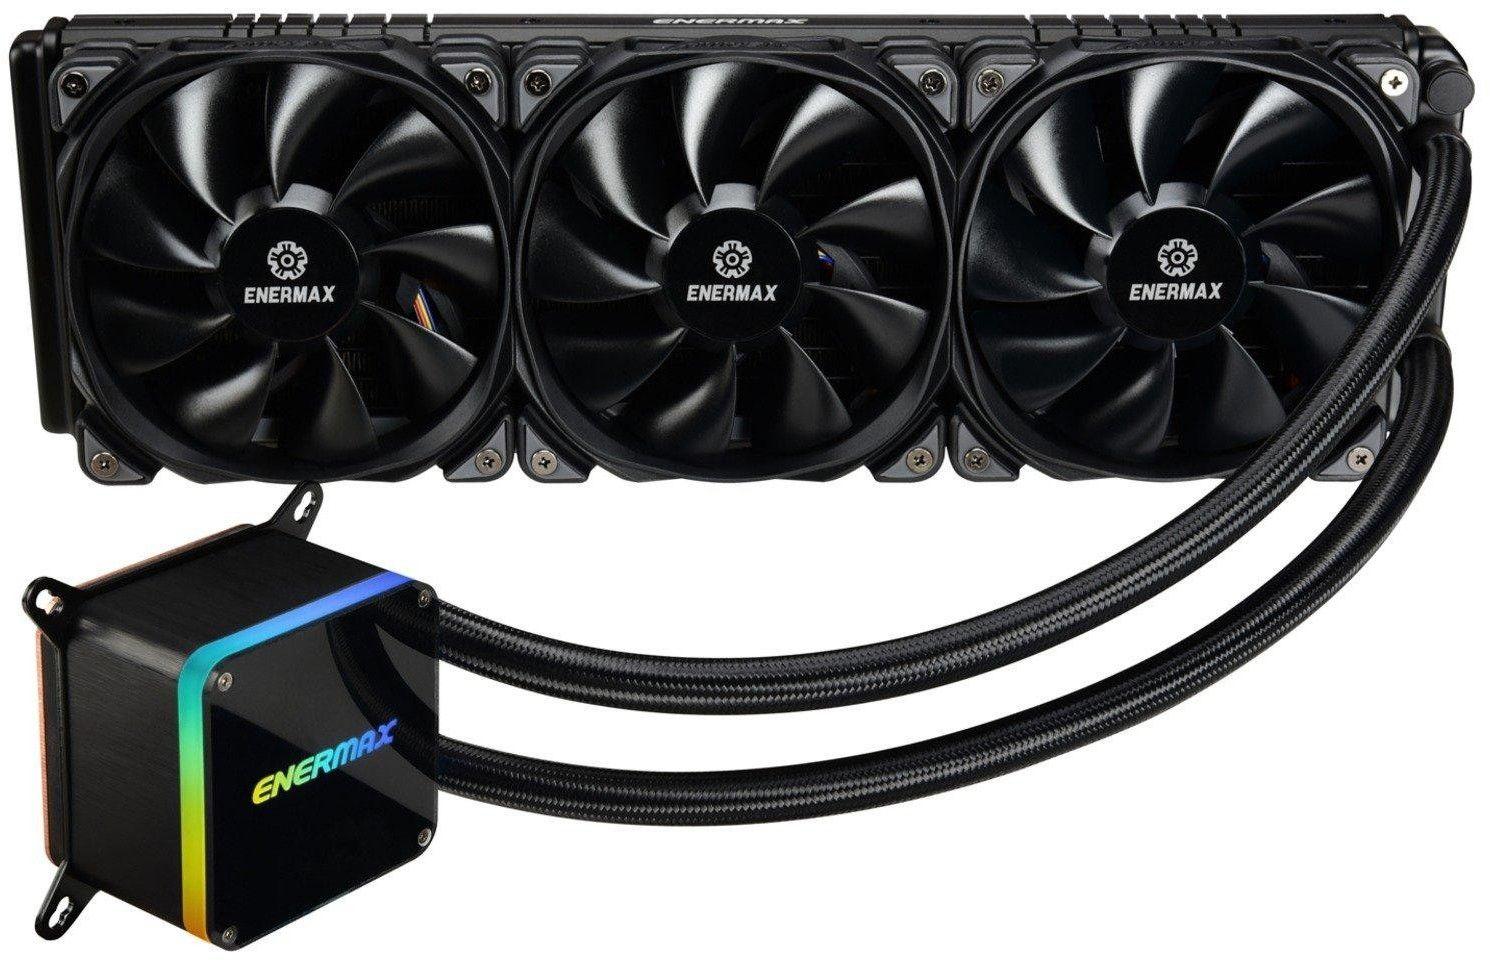 Enermax Komplett-Wasserkühlung Liqtech II RGB 360mm [Amazon & NBB]